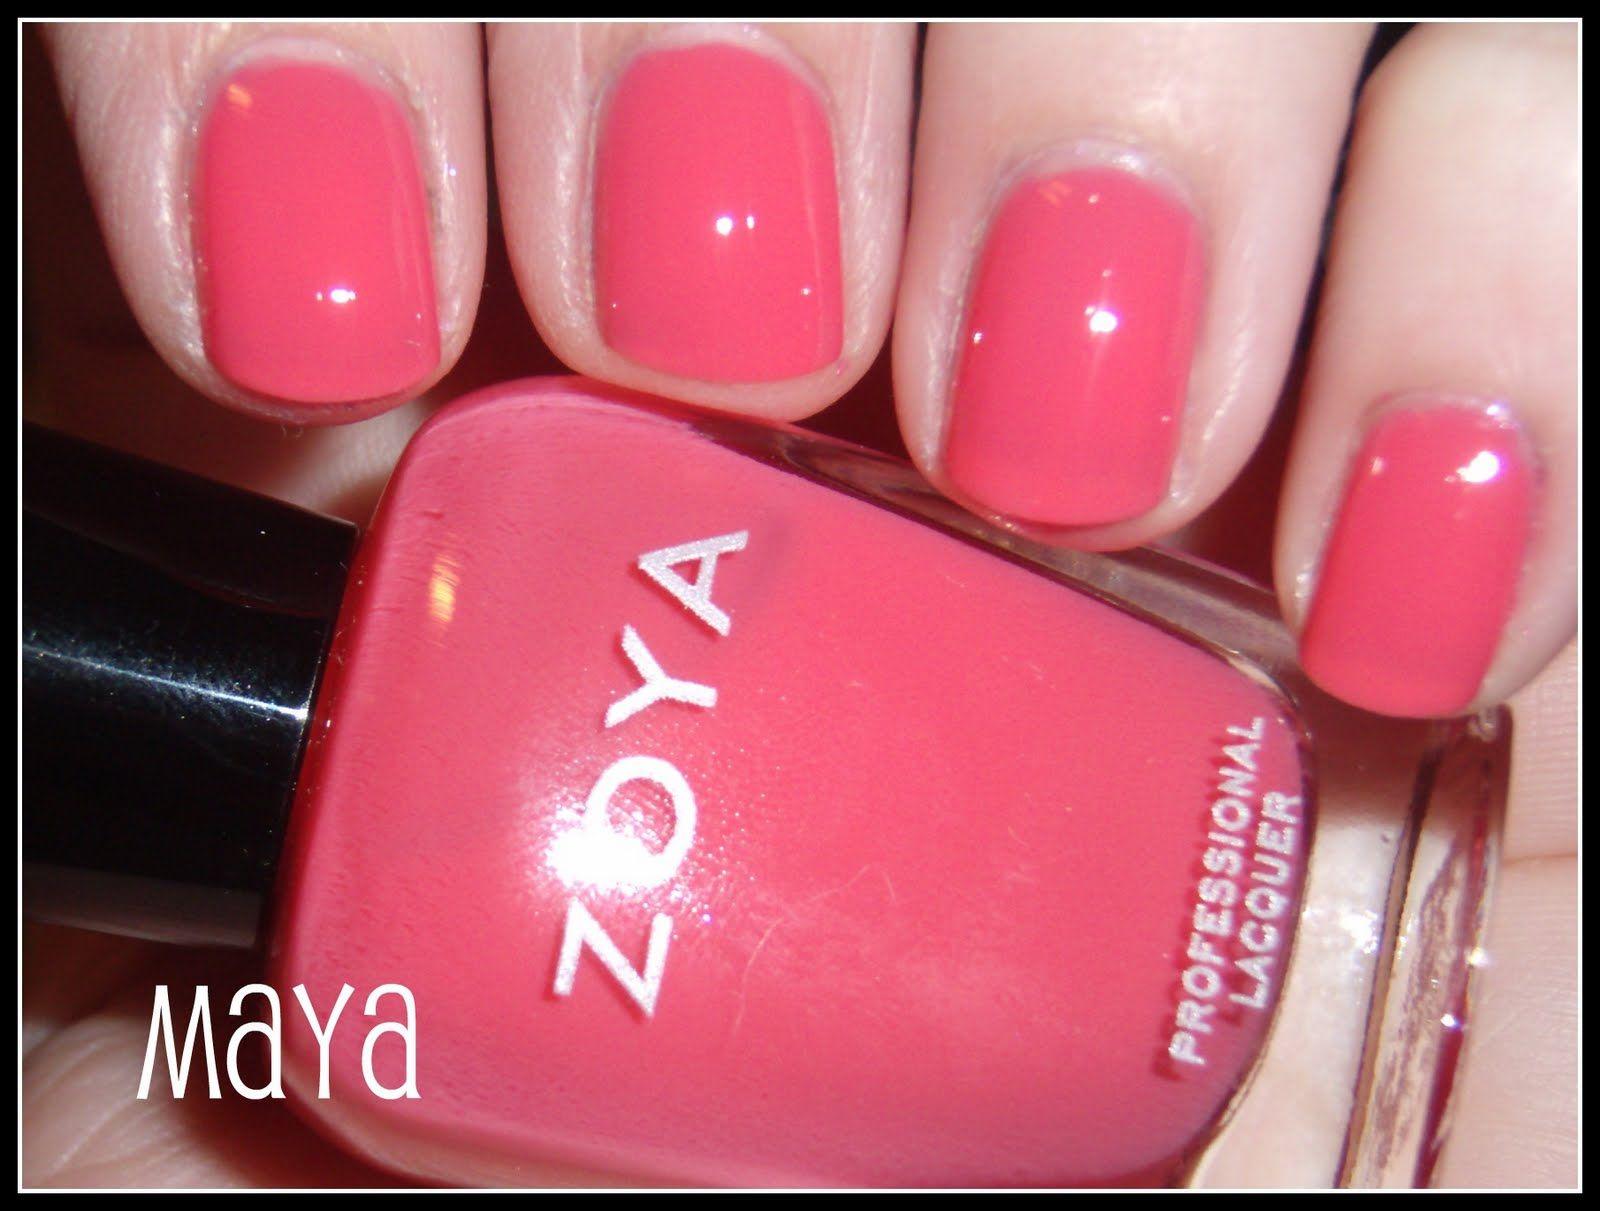 zoya maya nail colors